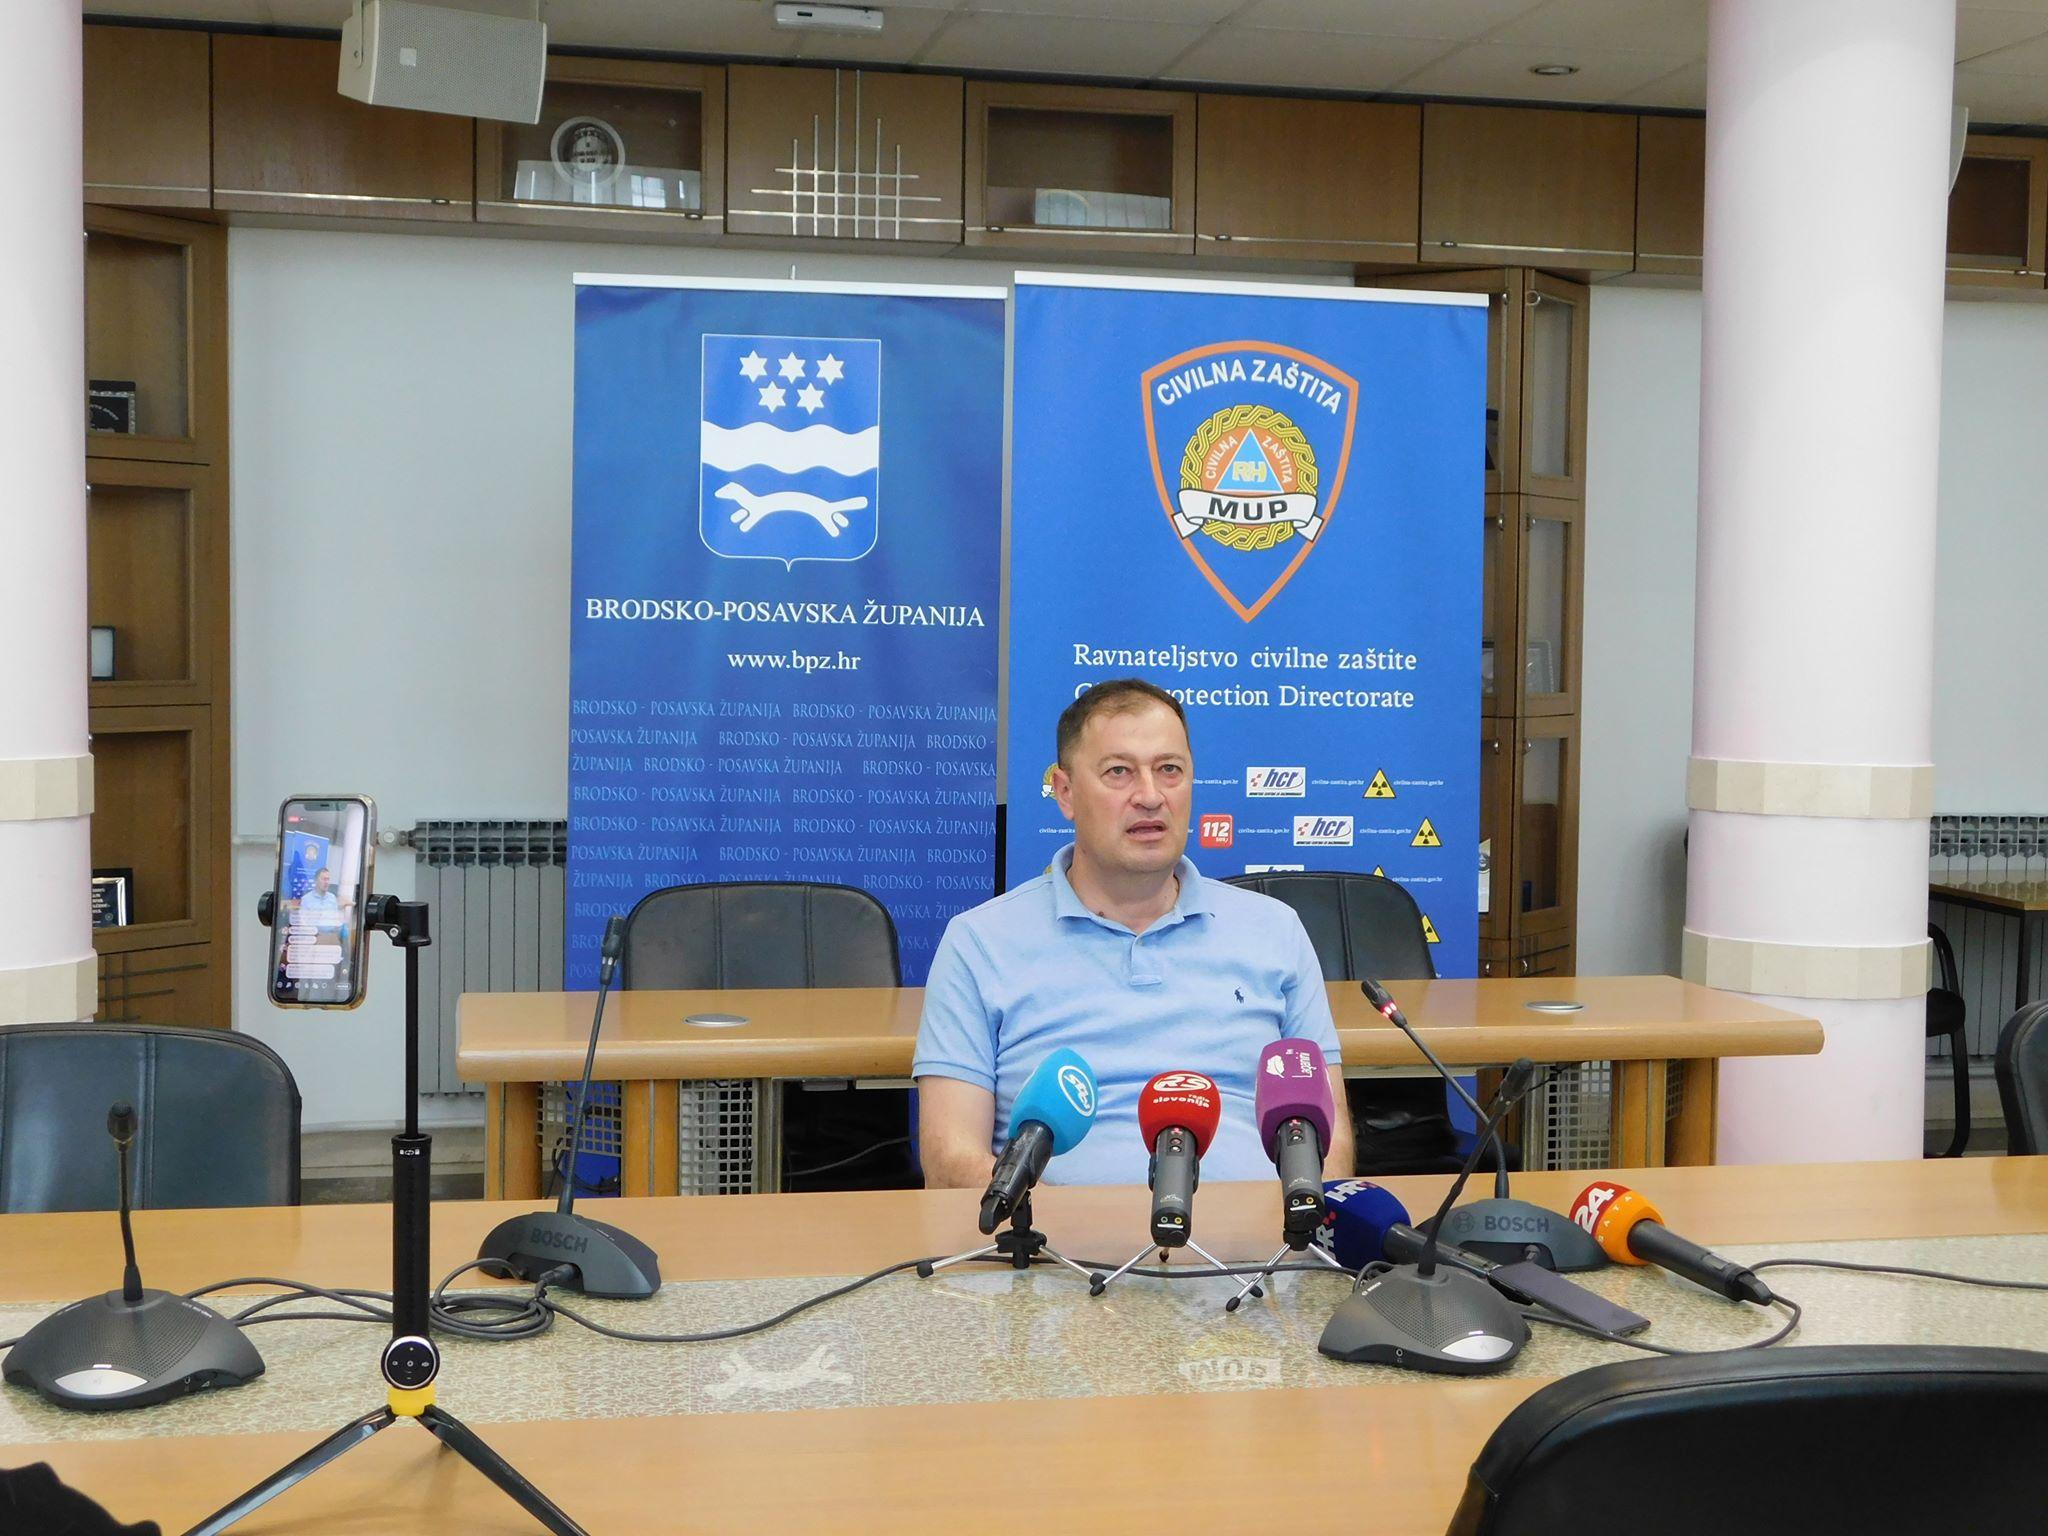 U Brodsko-posavskoj županiji potvrđen jedan novi slučaj zaraze, od ponoći uvedena mjera samoizolacije za putnike koji dolaze iz BiH, Srbije, Kosova i Sjeverne Makedonije